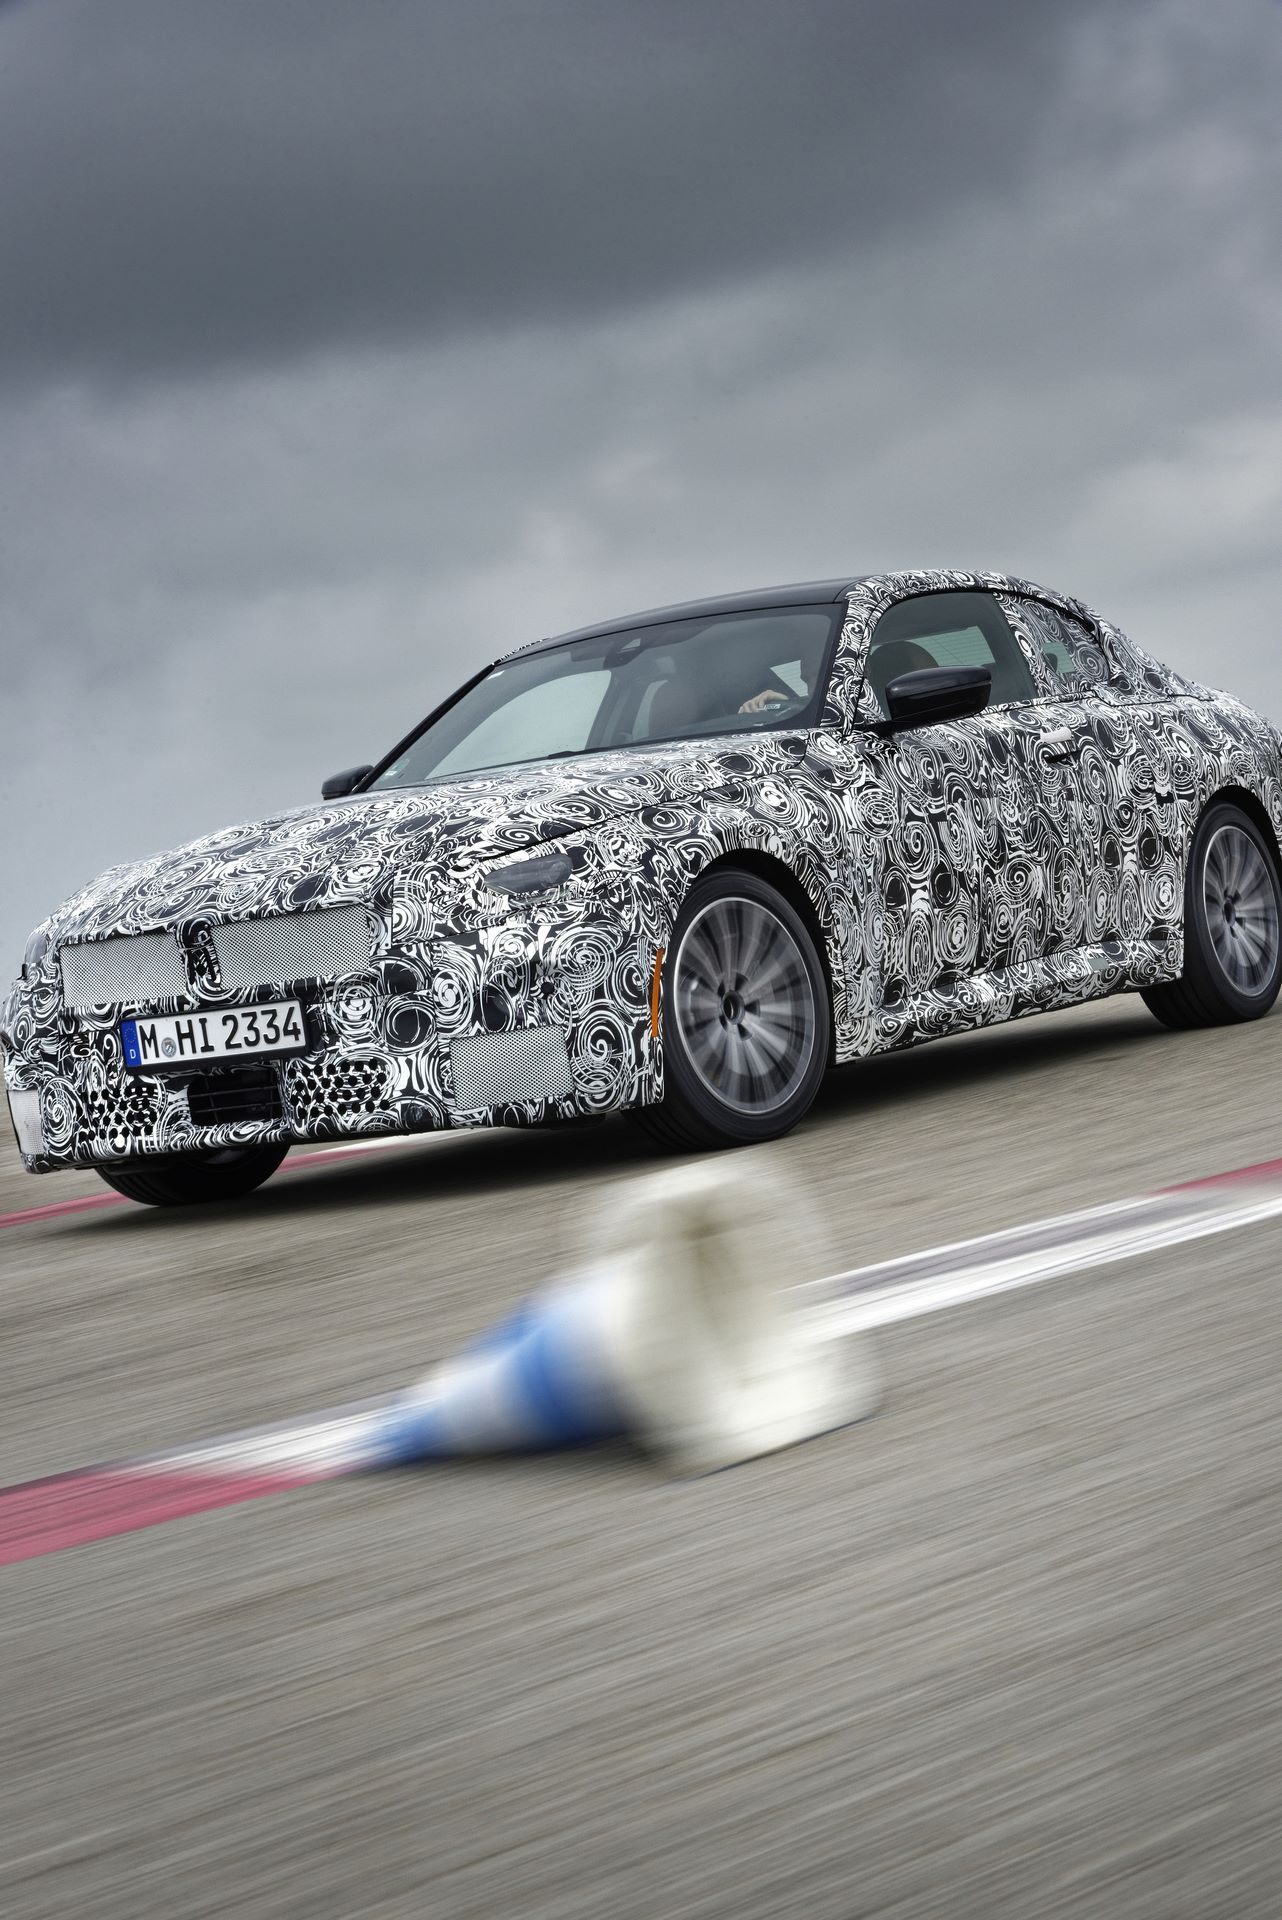 BMW-2-Series-M240i-spy-photos-27